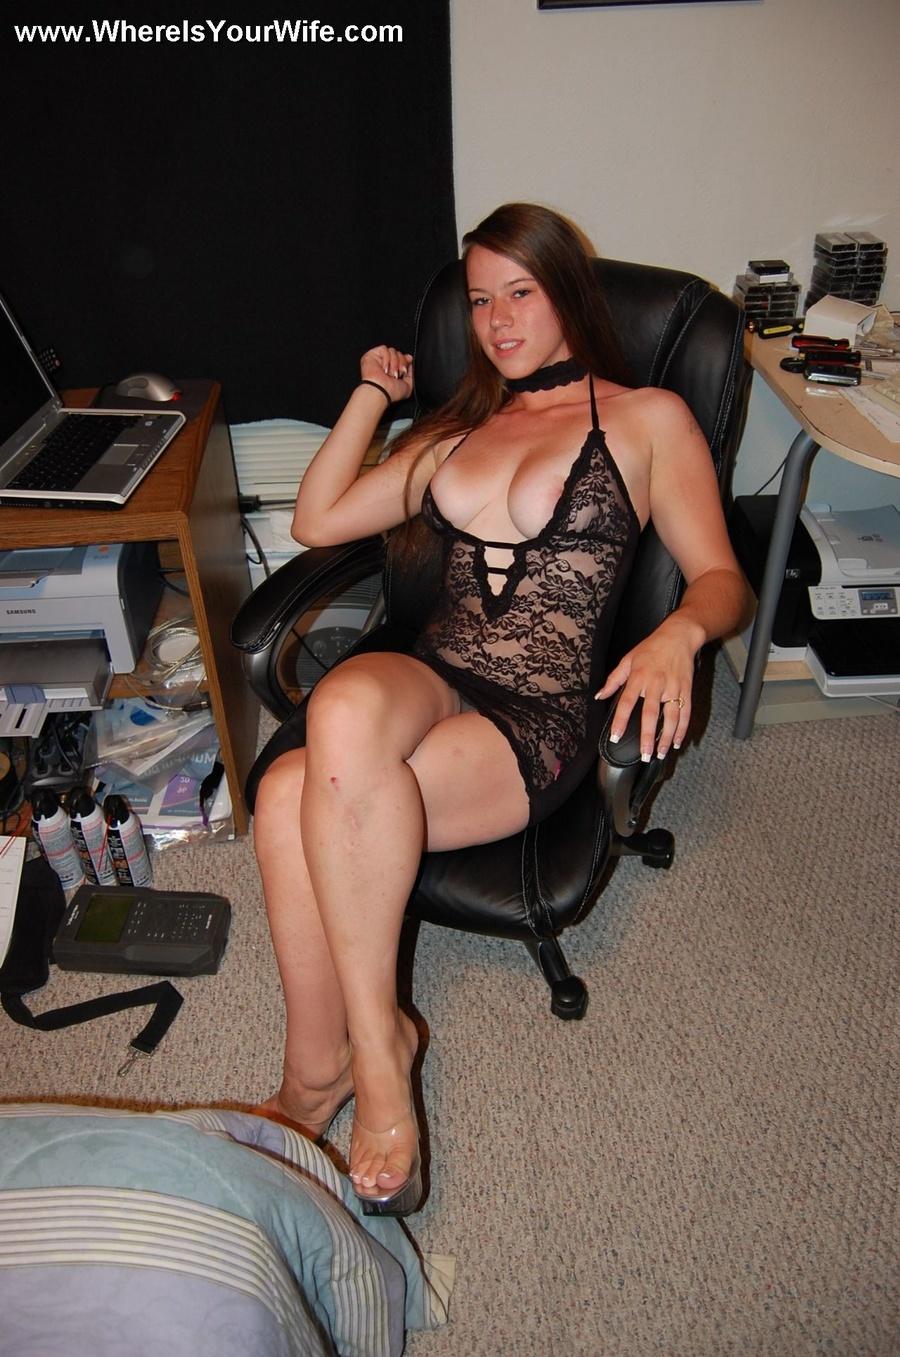 wife in lingerie